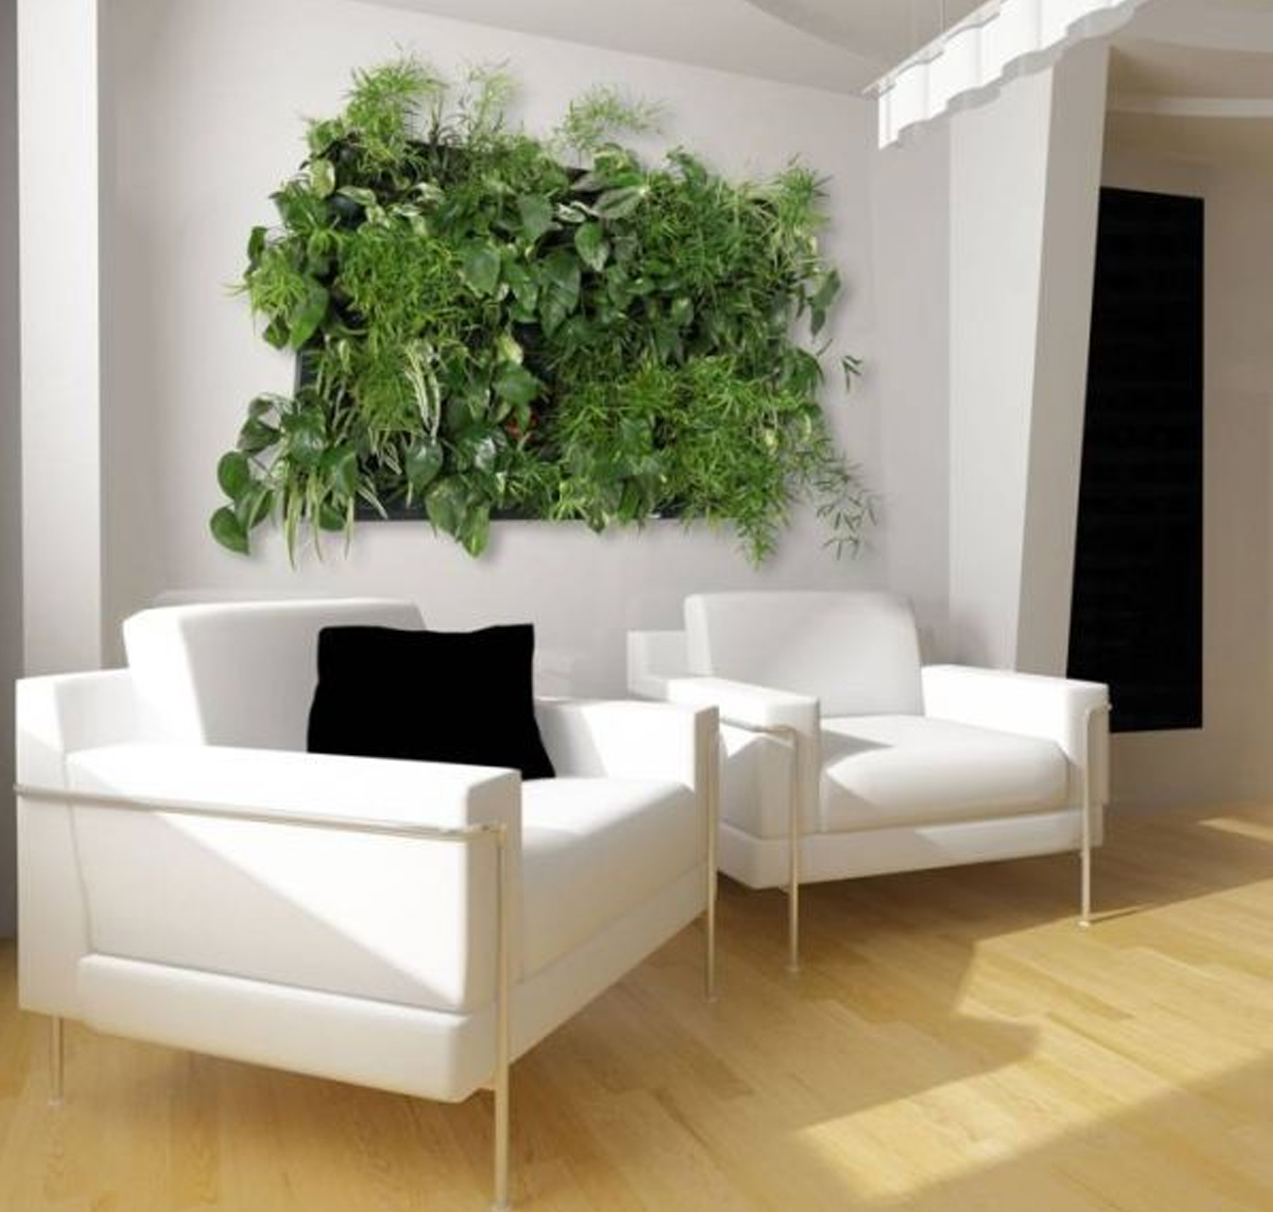 Jardines verticales o muros verdes beneficios y - Muros verdes verticales ...